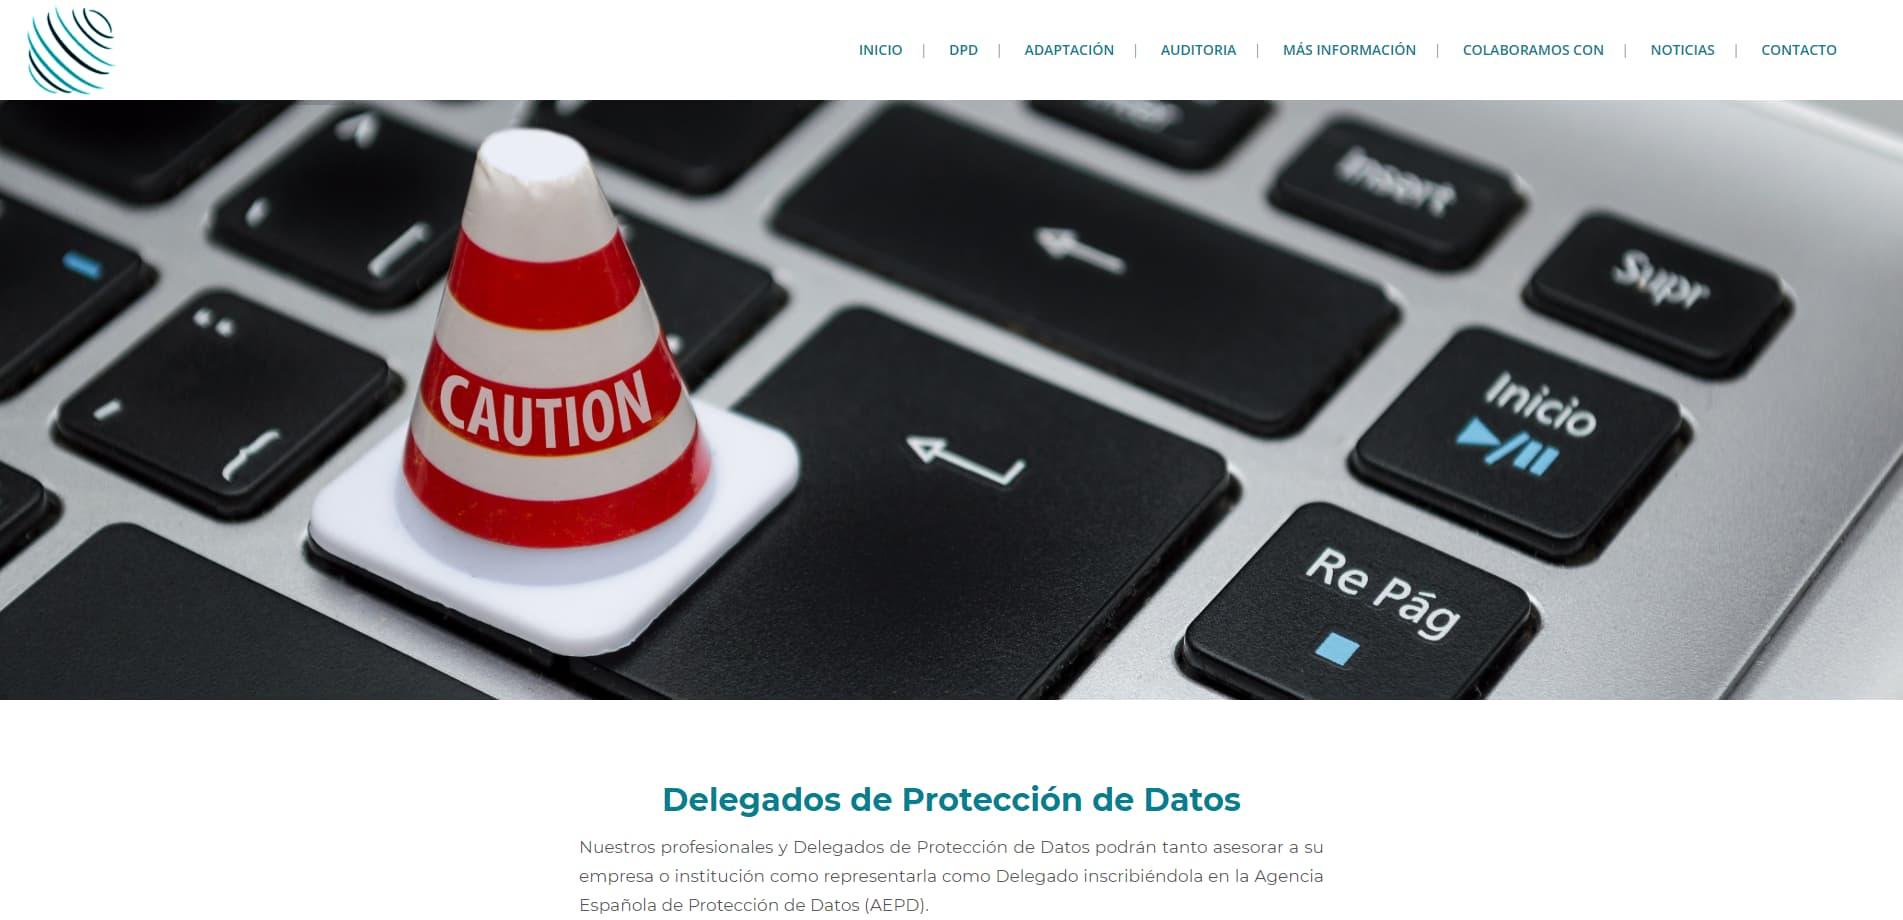 Delegados de Protección de Datos